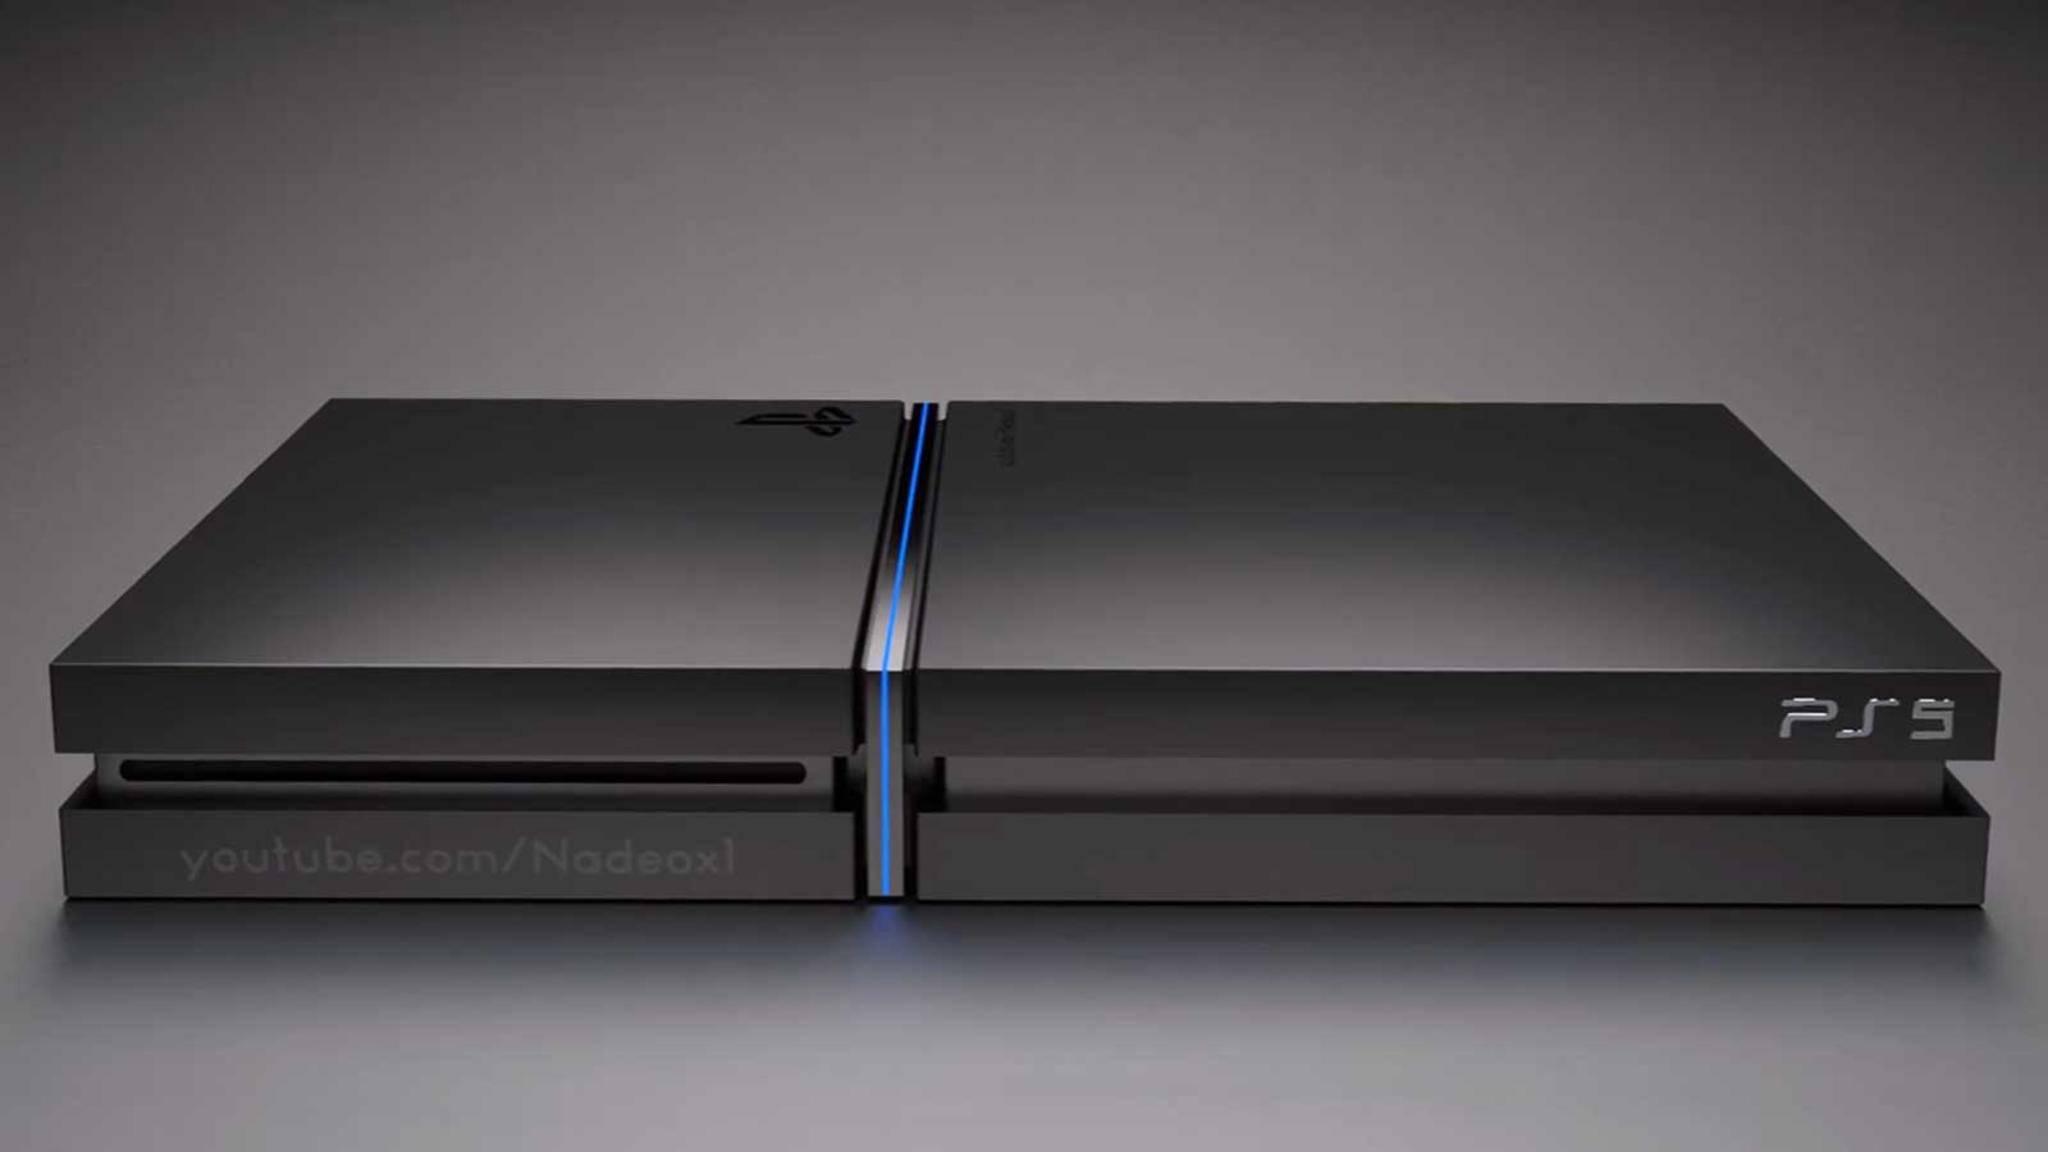 PS5 Alle News Amp Leaks Zum Release Der Neuen Sony